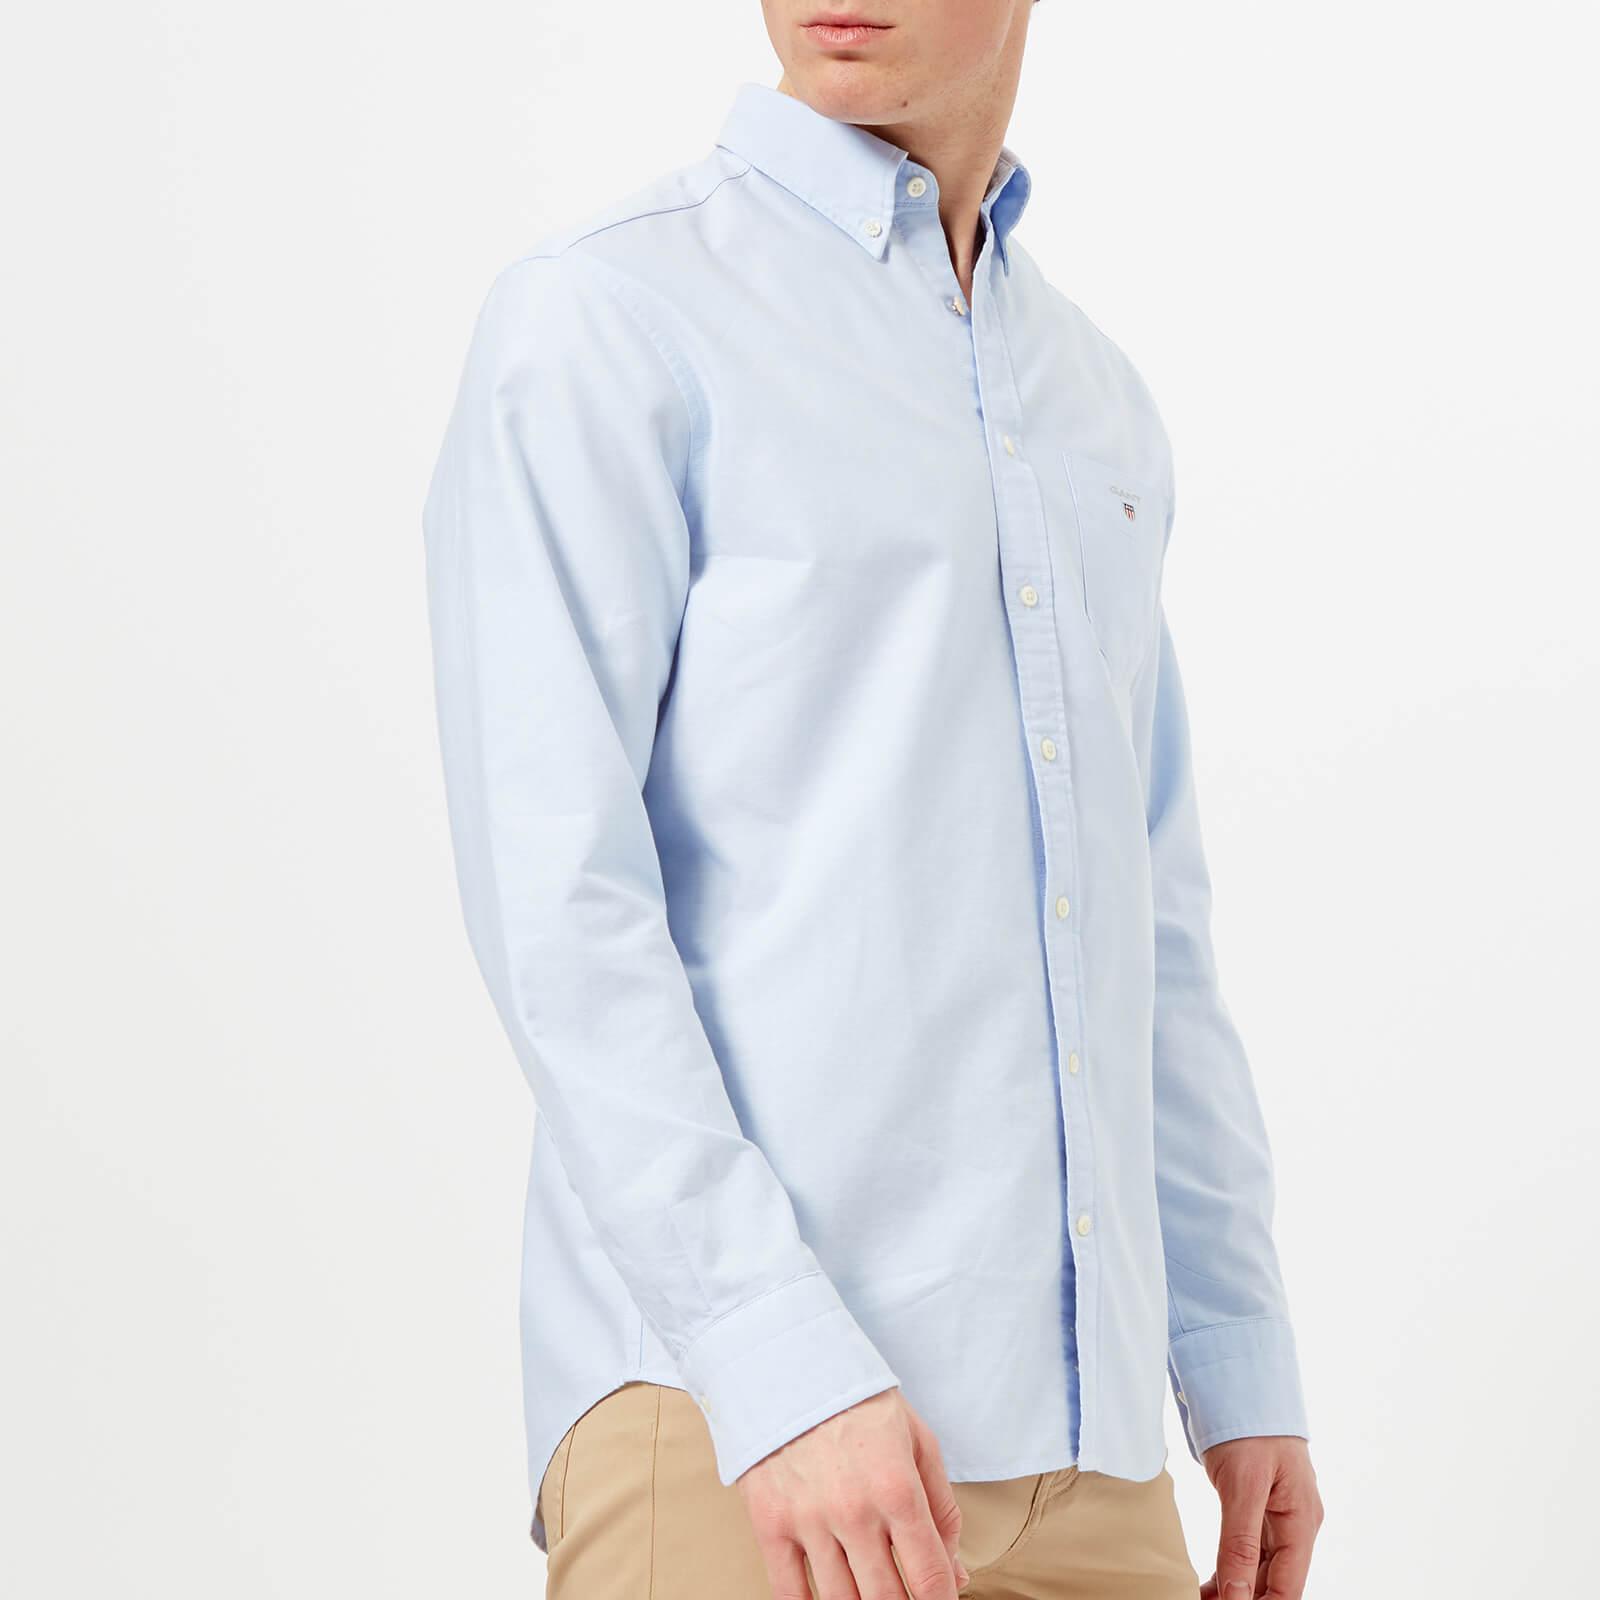 GANT Men's Oxford Long Sleeve Shirt - Capri Blue - S - Blue